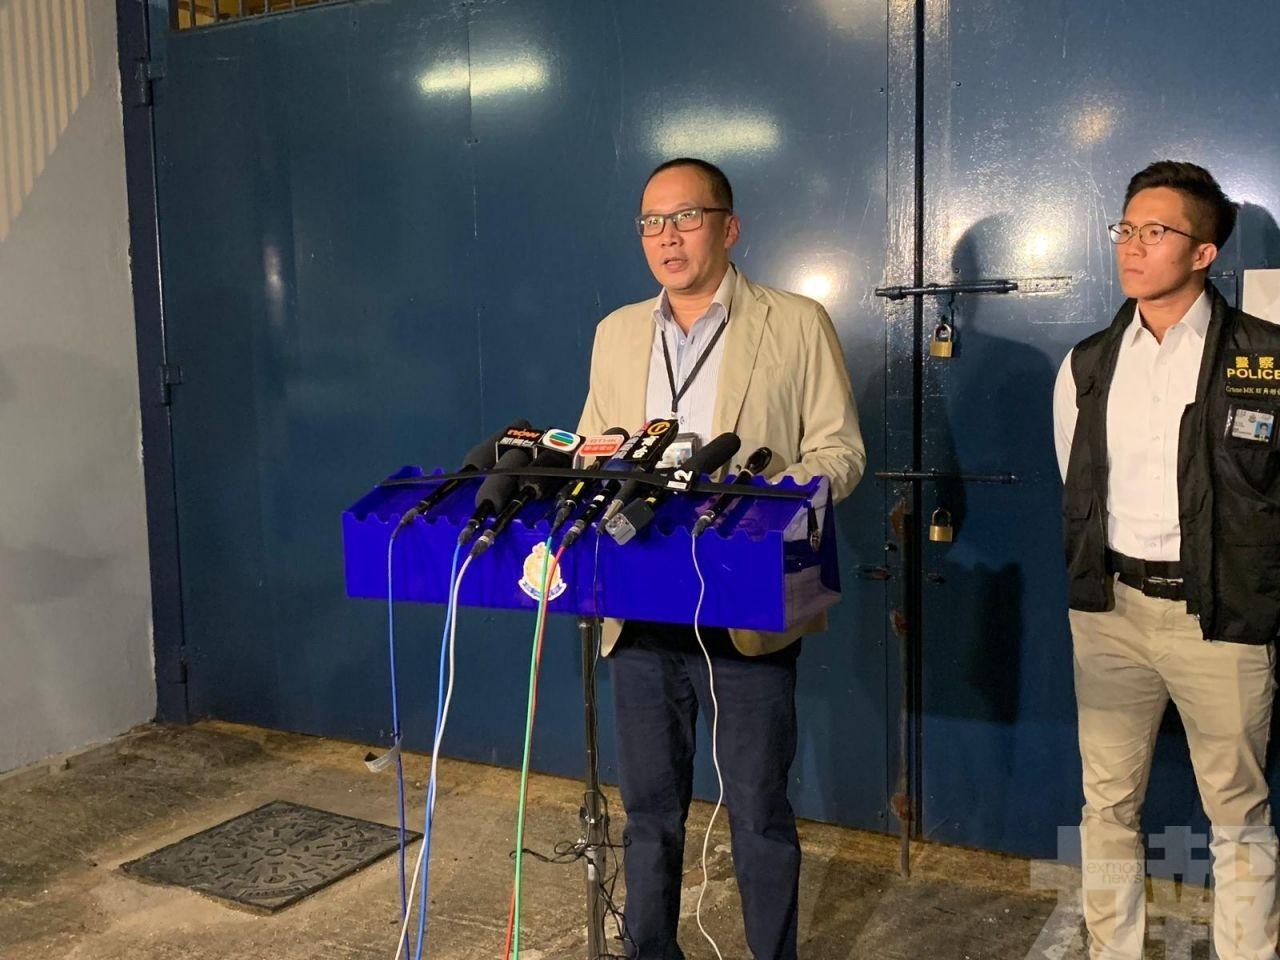 民陣岑子杰旺角受傷 警指屬預謀犯案